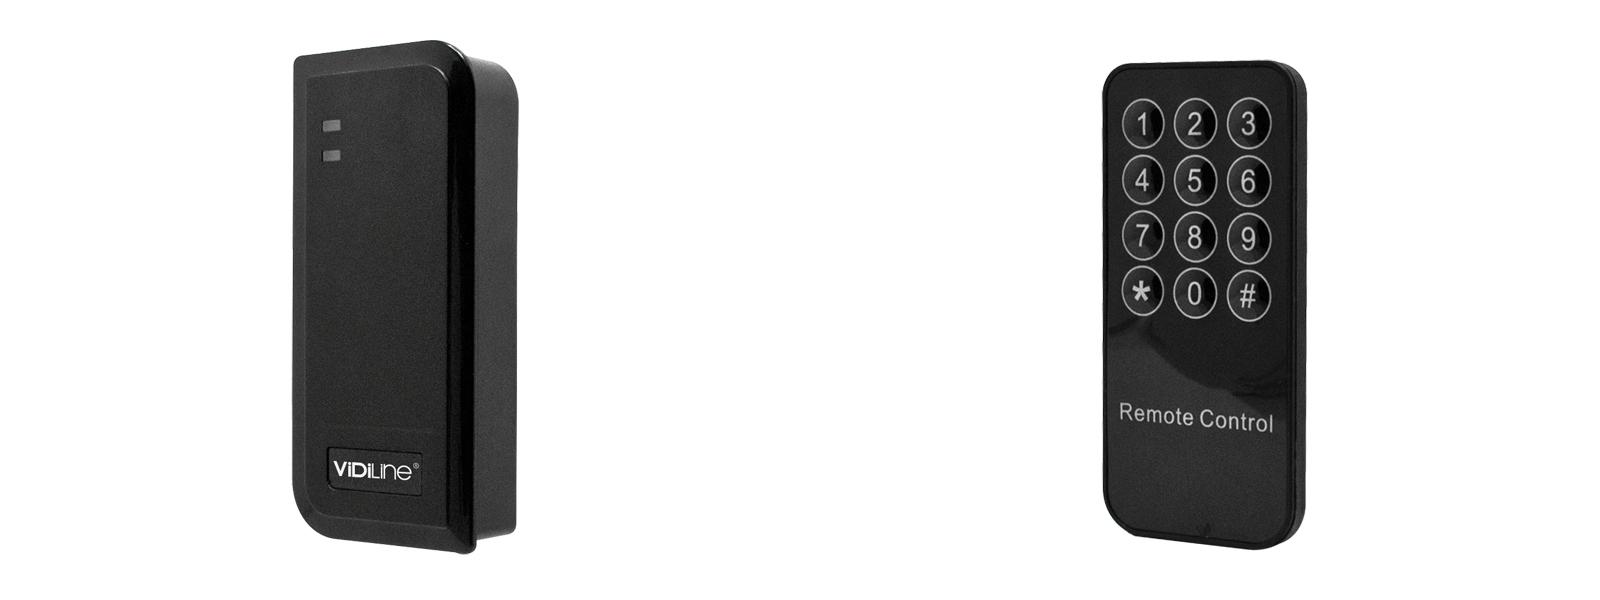 dwa-czytniki-kart.jpg?1551274300157